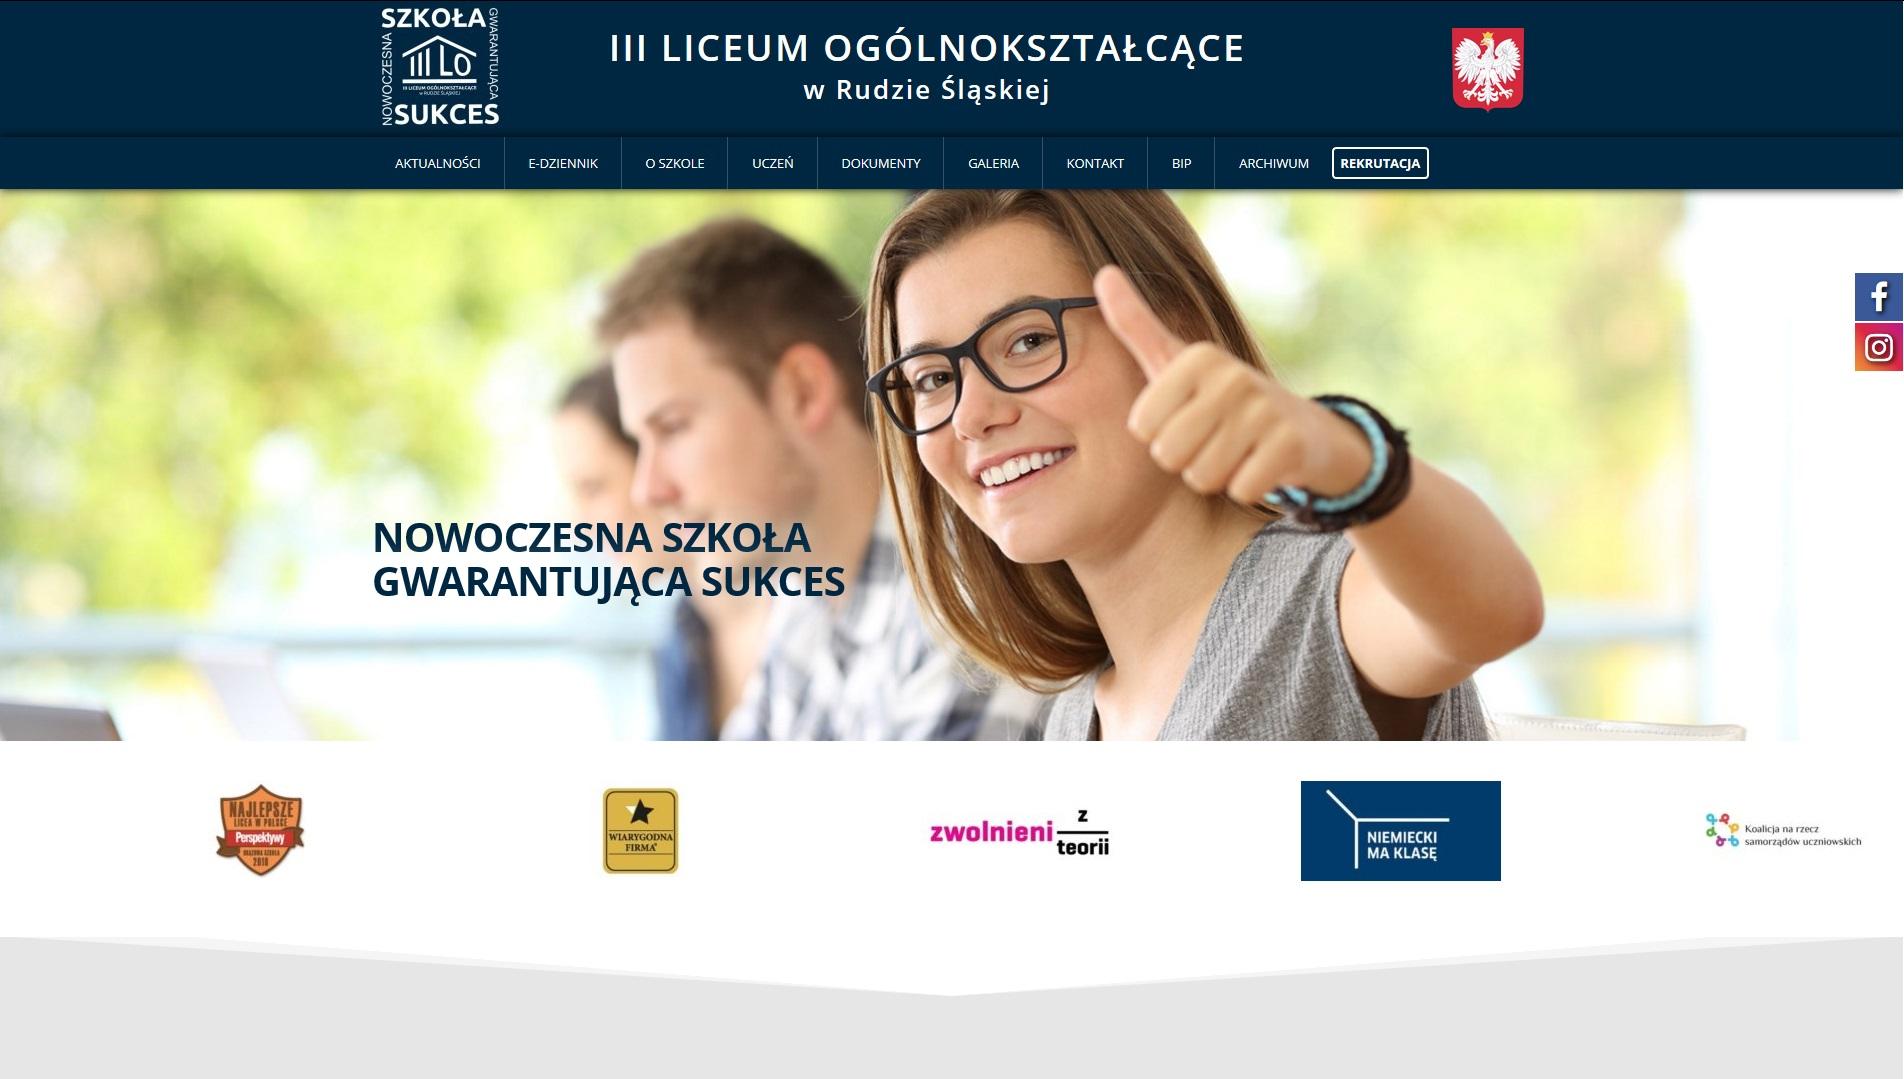 III-Liceum-Ogolnoksztalcace